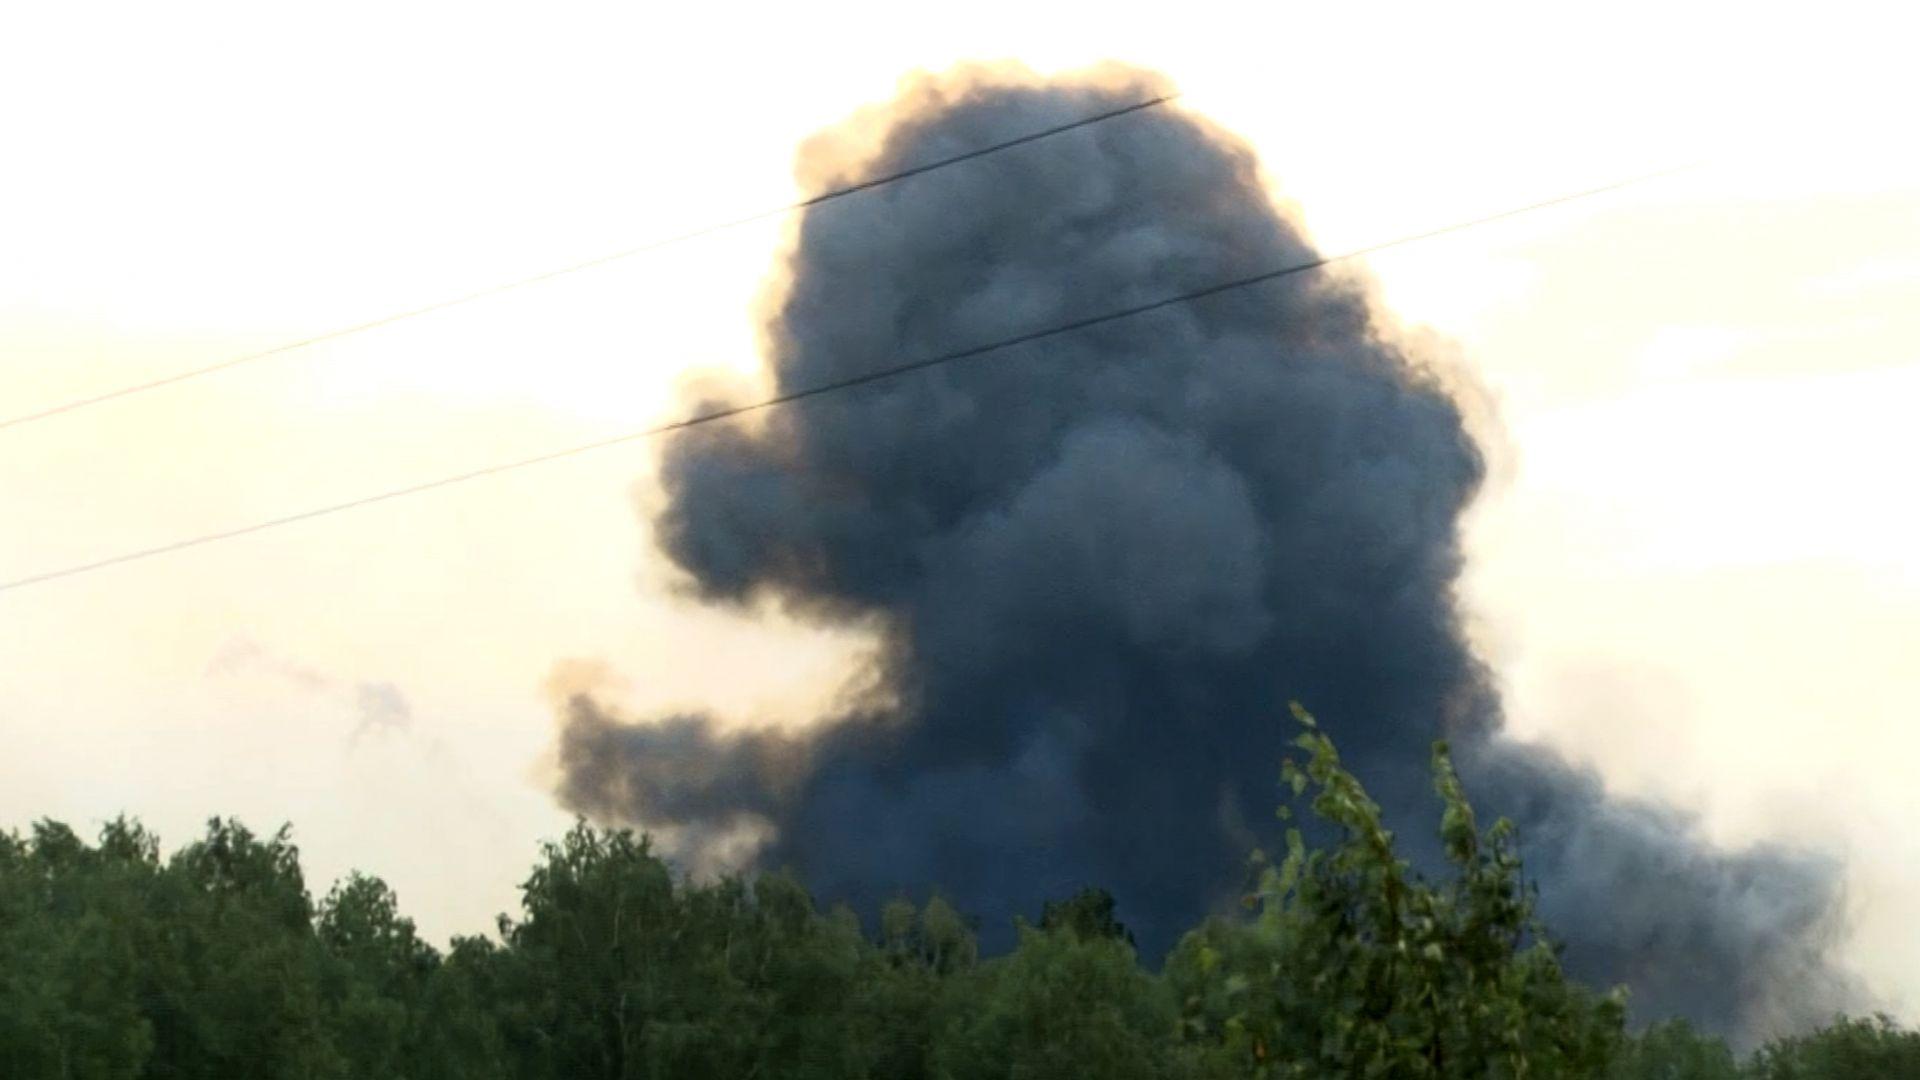 Над 16 хиляди души са напуснали района на горящия военен склад в Сибир (видео)